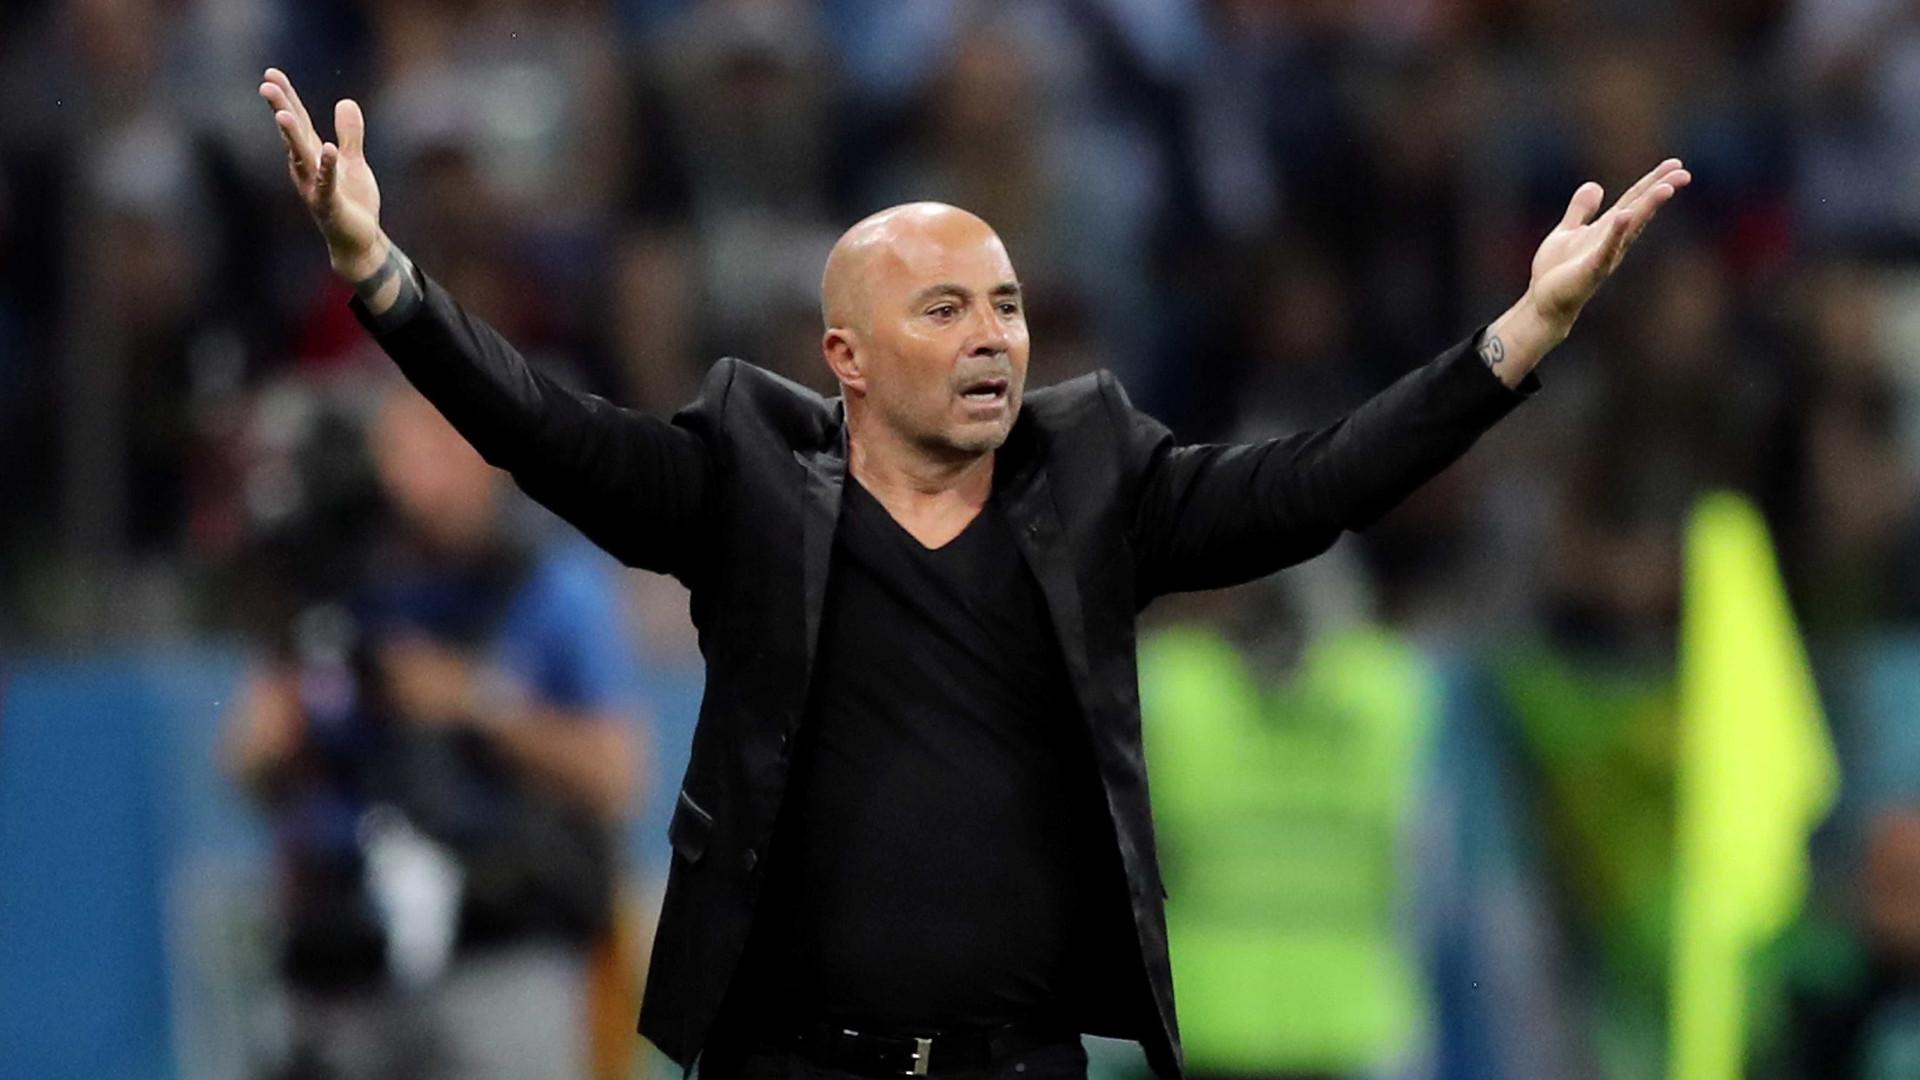 Jogadores da Argentina pedem demissão imediata de Sampaoli 8e9f7c1cbb6d5